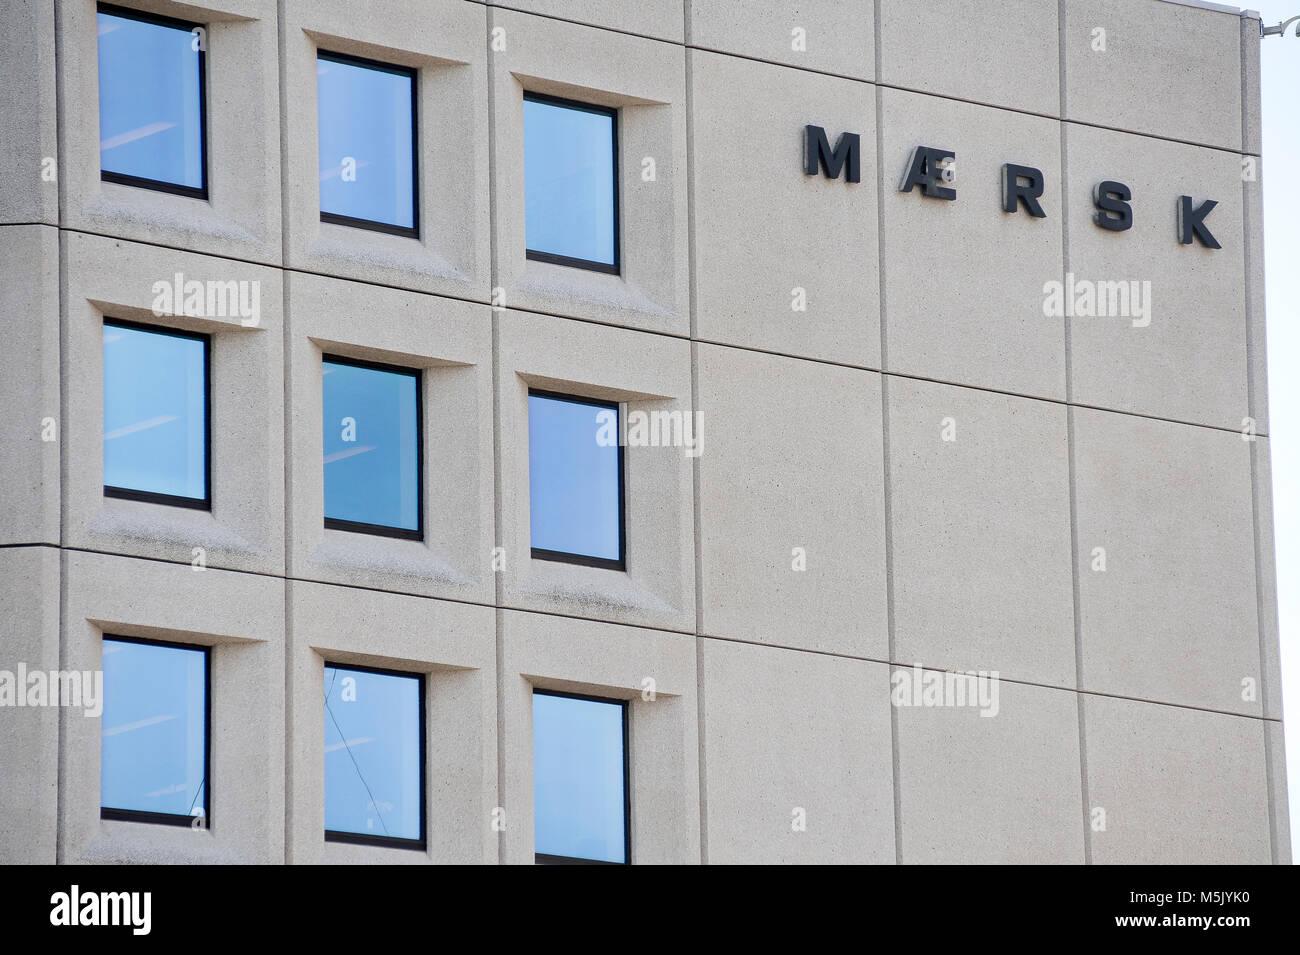 Sedes de A.P. Moller Maersk Group, conglomerado empresarial danesa en el transporte, la logística y el sector energético, uno de los mayores buques portacontenedores ope Foto de stock